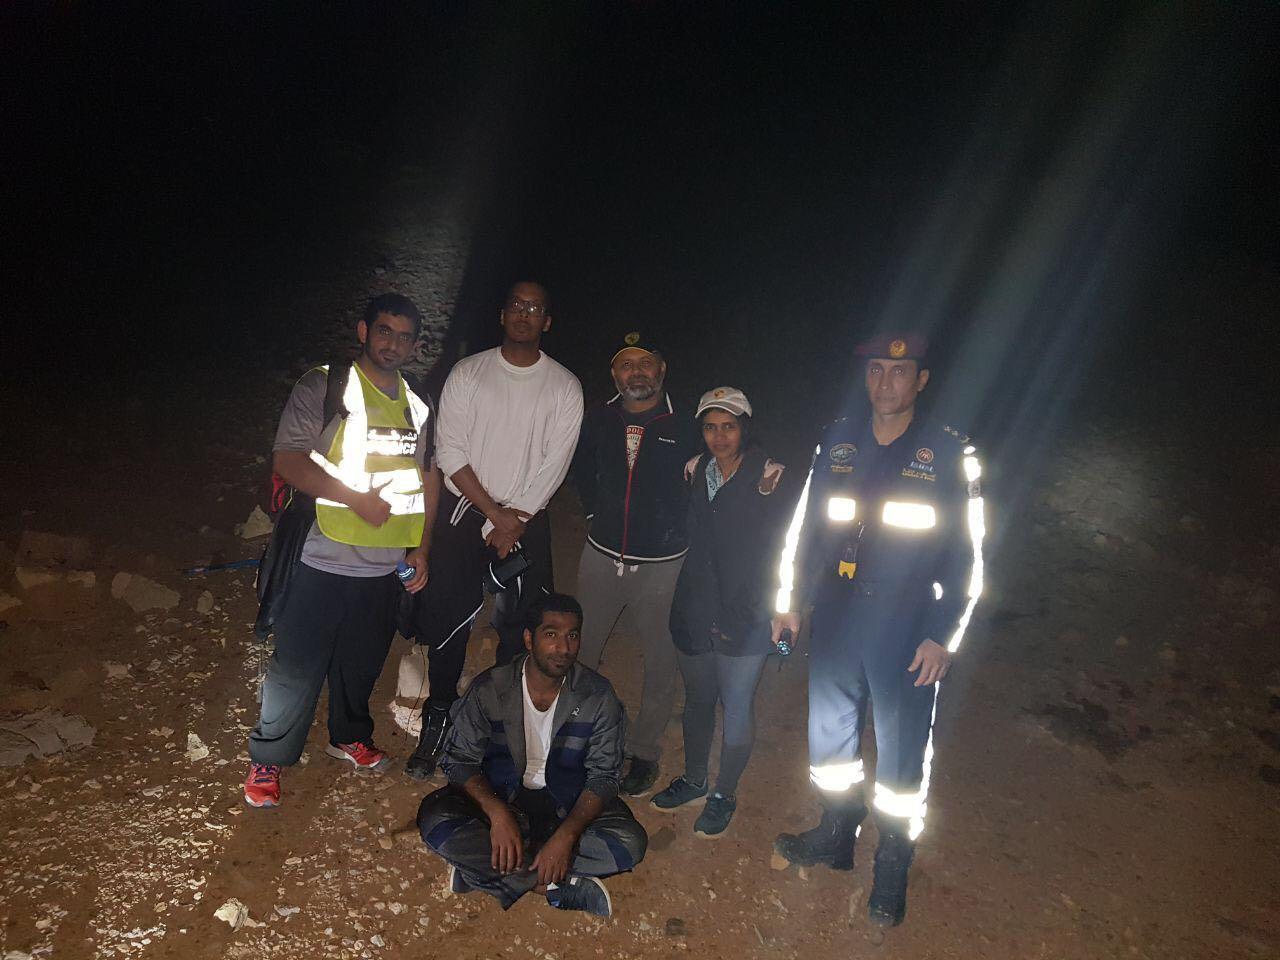 شرطة رأس الخيمة تنقذ زوجين ضلا الطريق في جبال الإمارة